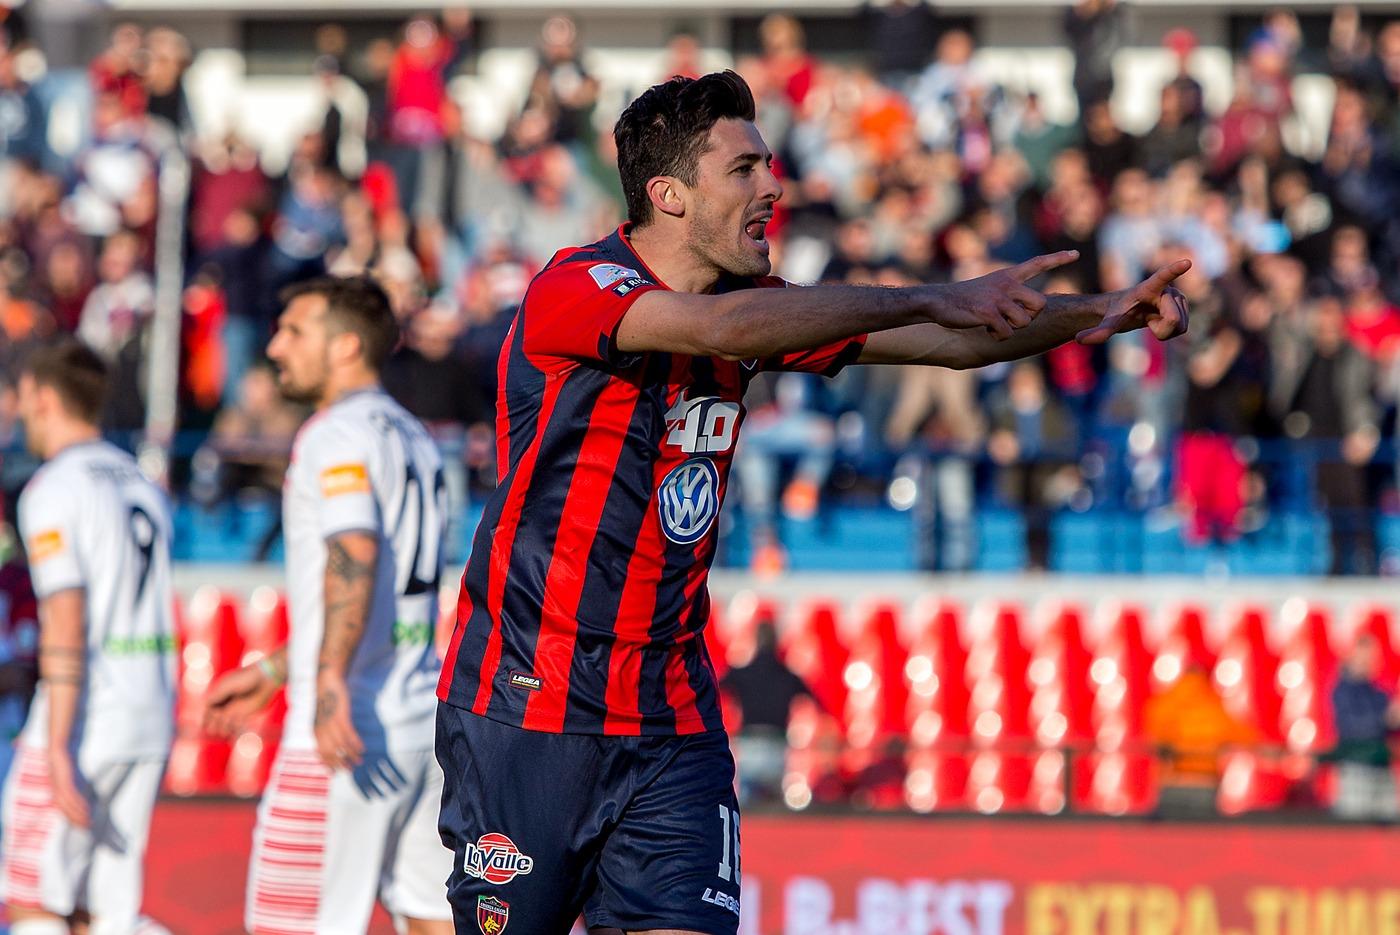 Cosenza-Venezia 5 ottobre: il pronostico di Serie B